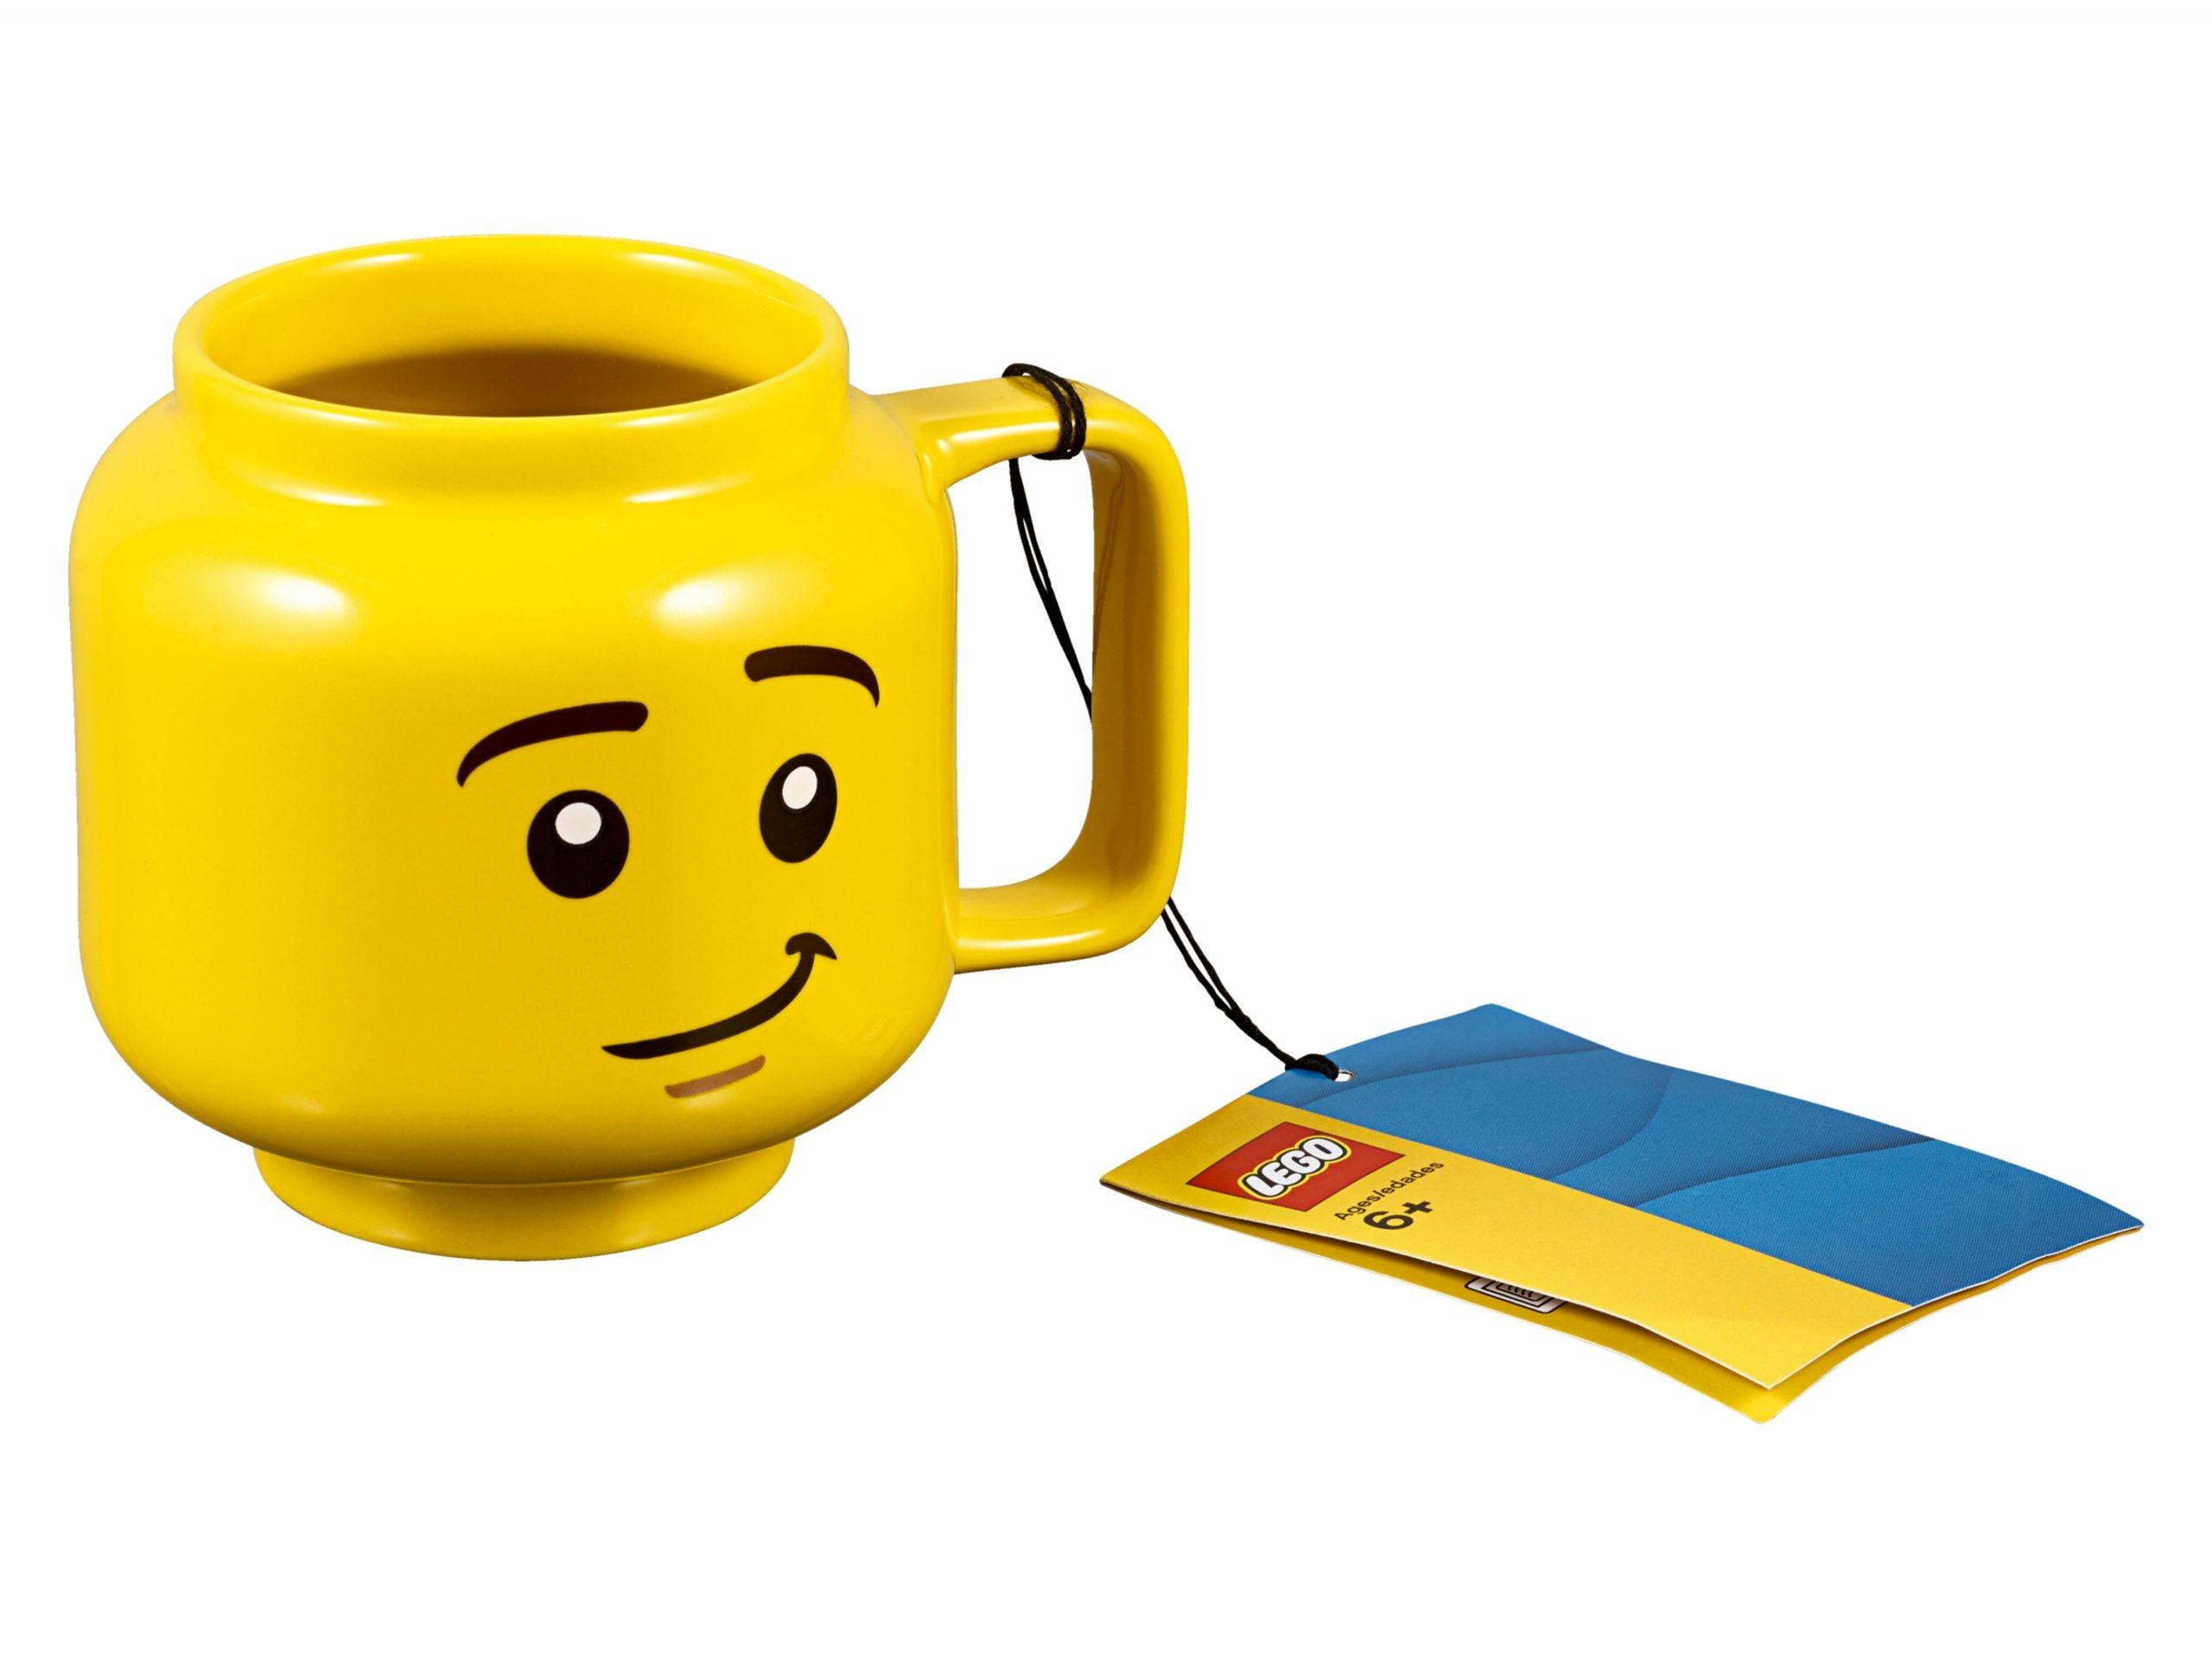 lego 853910 minifigure ceramic mug scaled